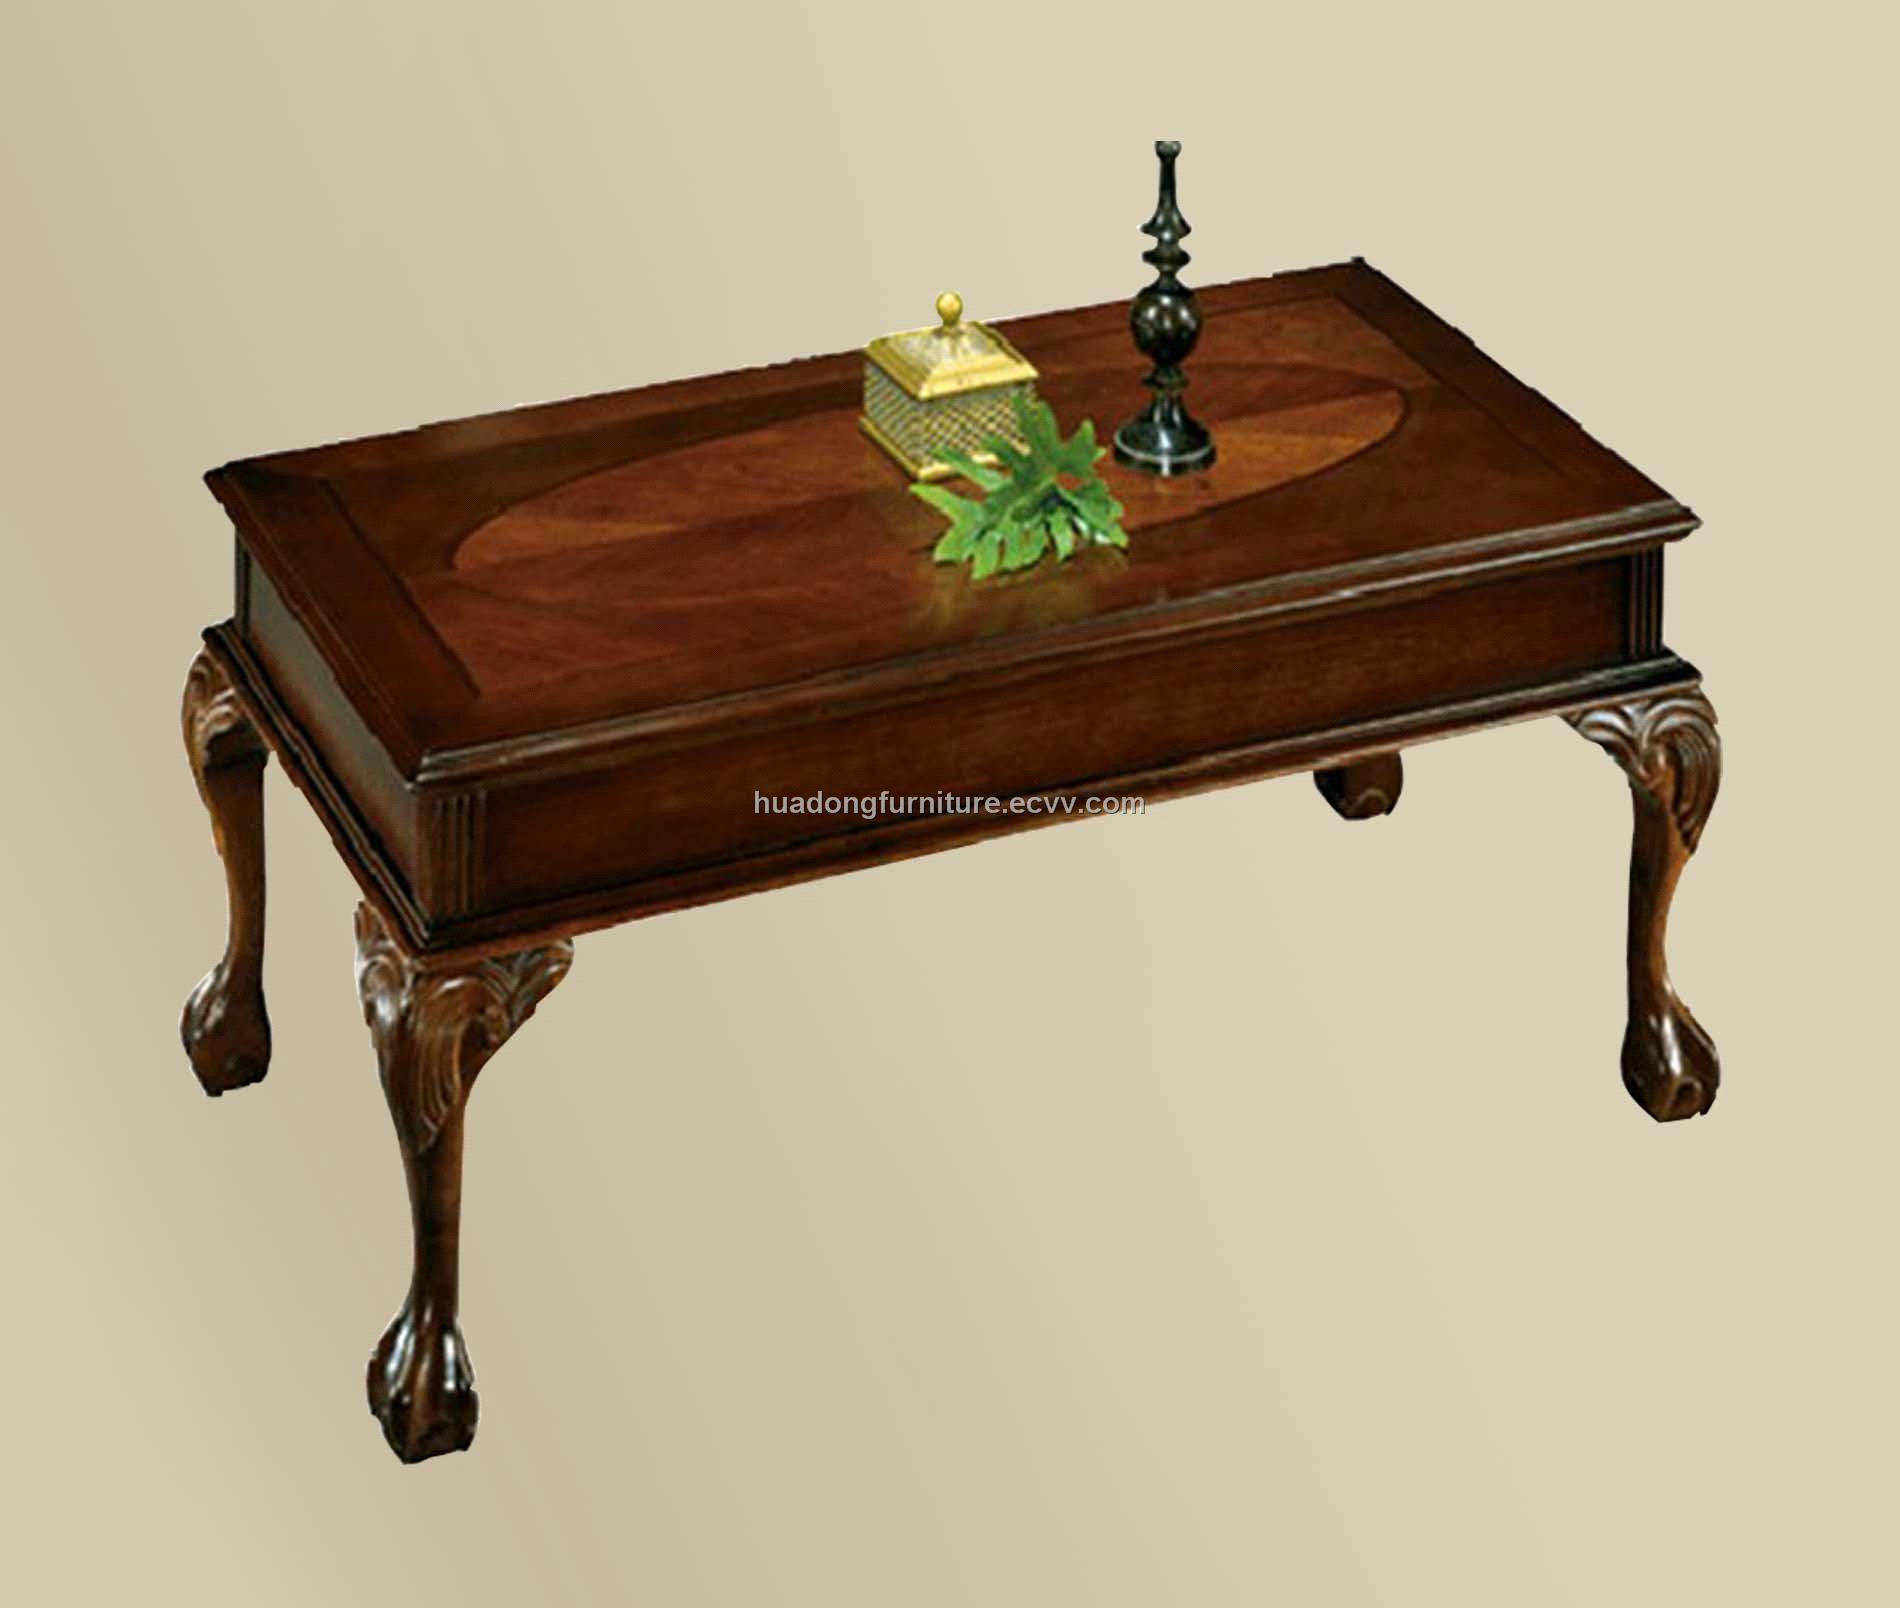 Antique Wooden Table Hdt003